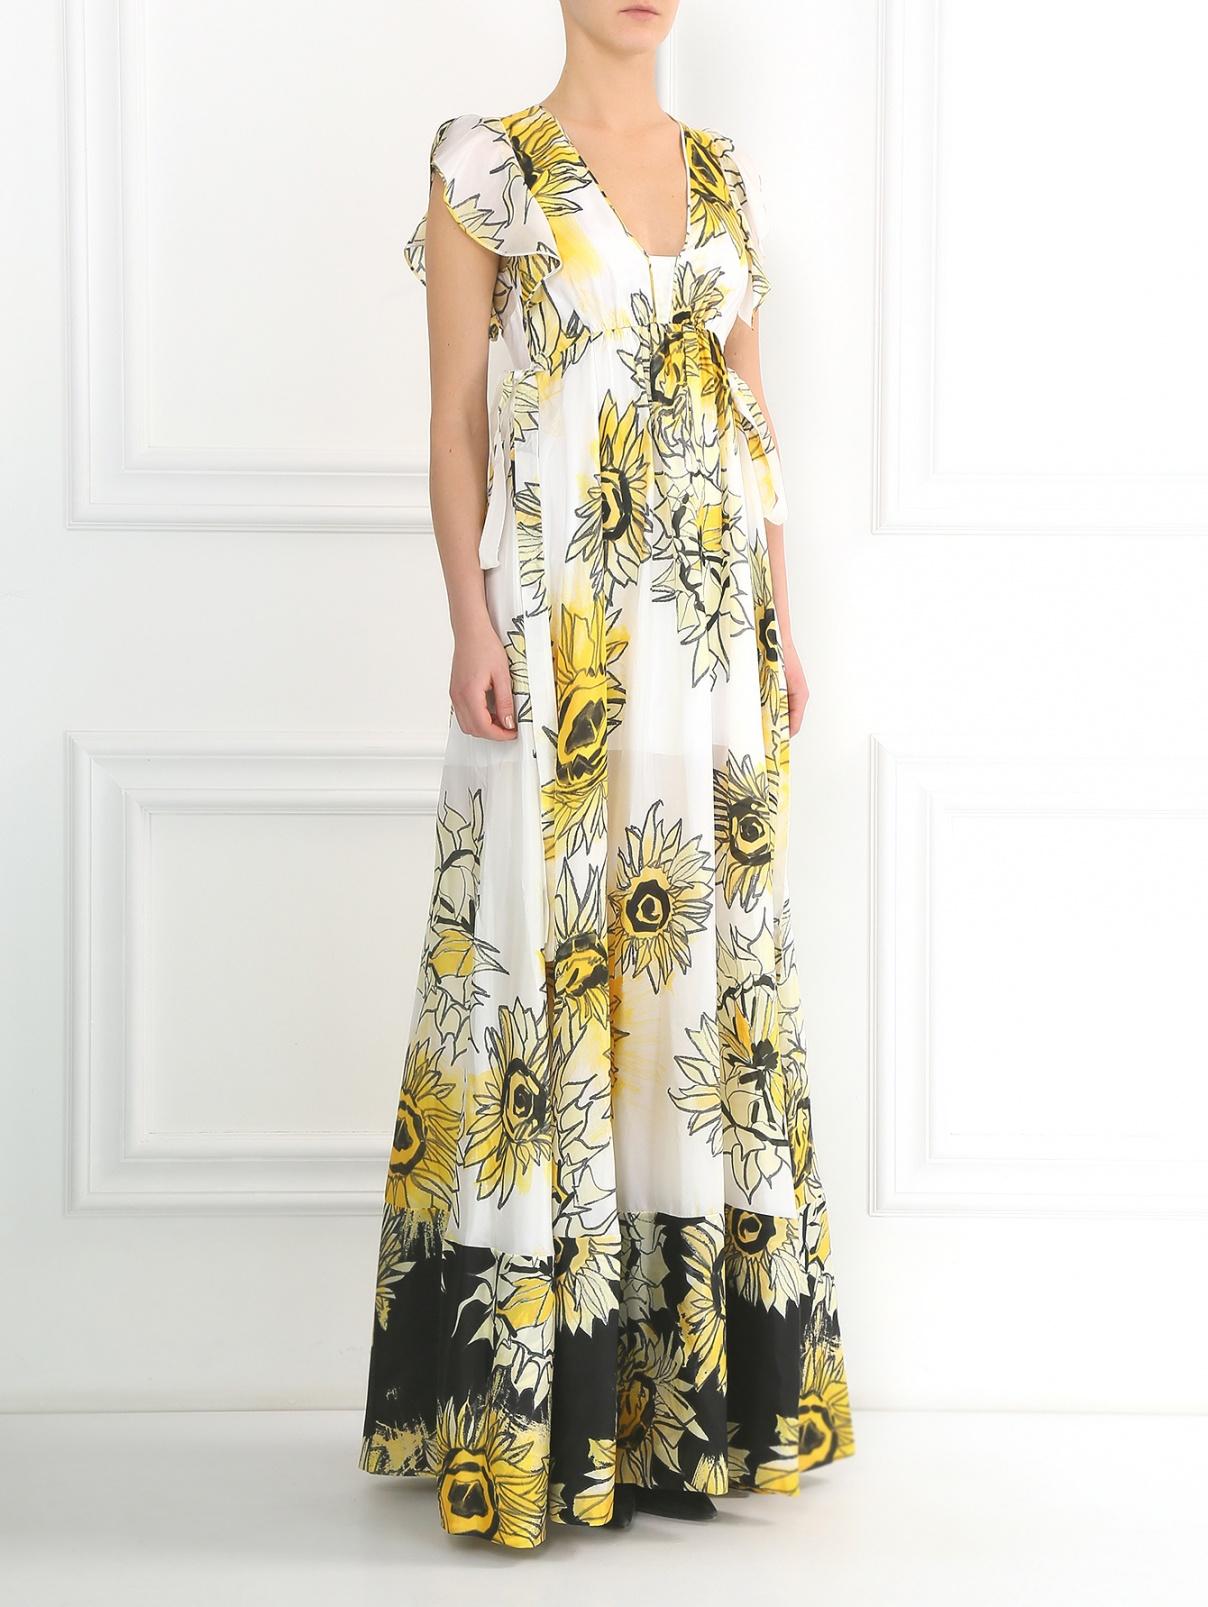 Платье-макси из шелка с цветочным узором N21  –  Модель Общий вид  – Цвет:  Белый